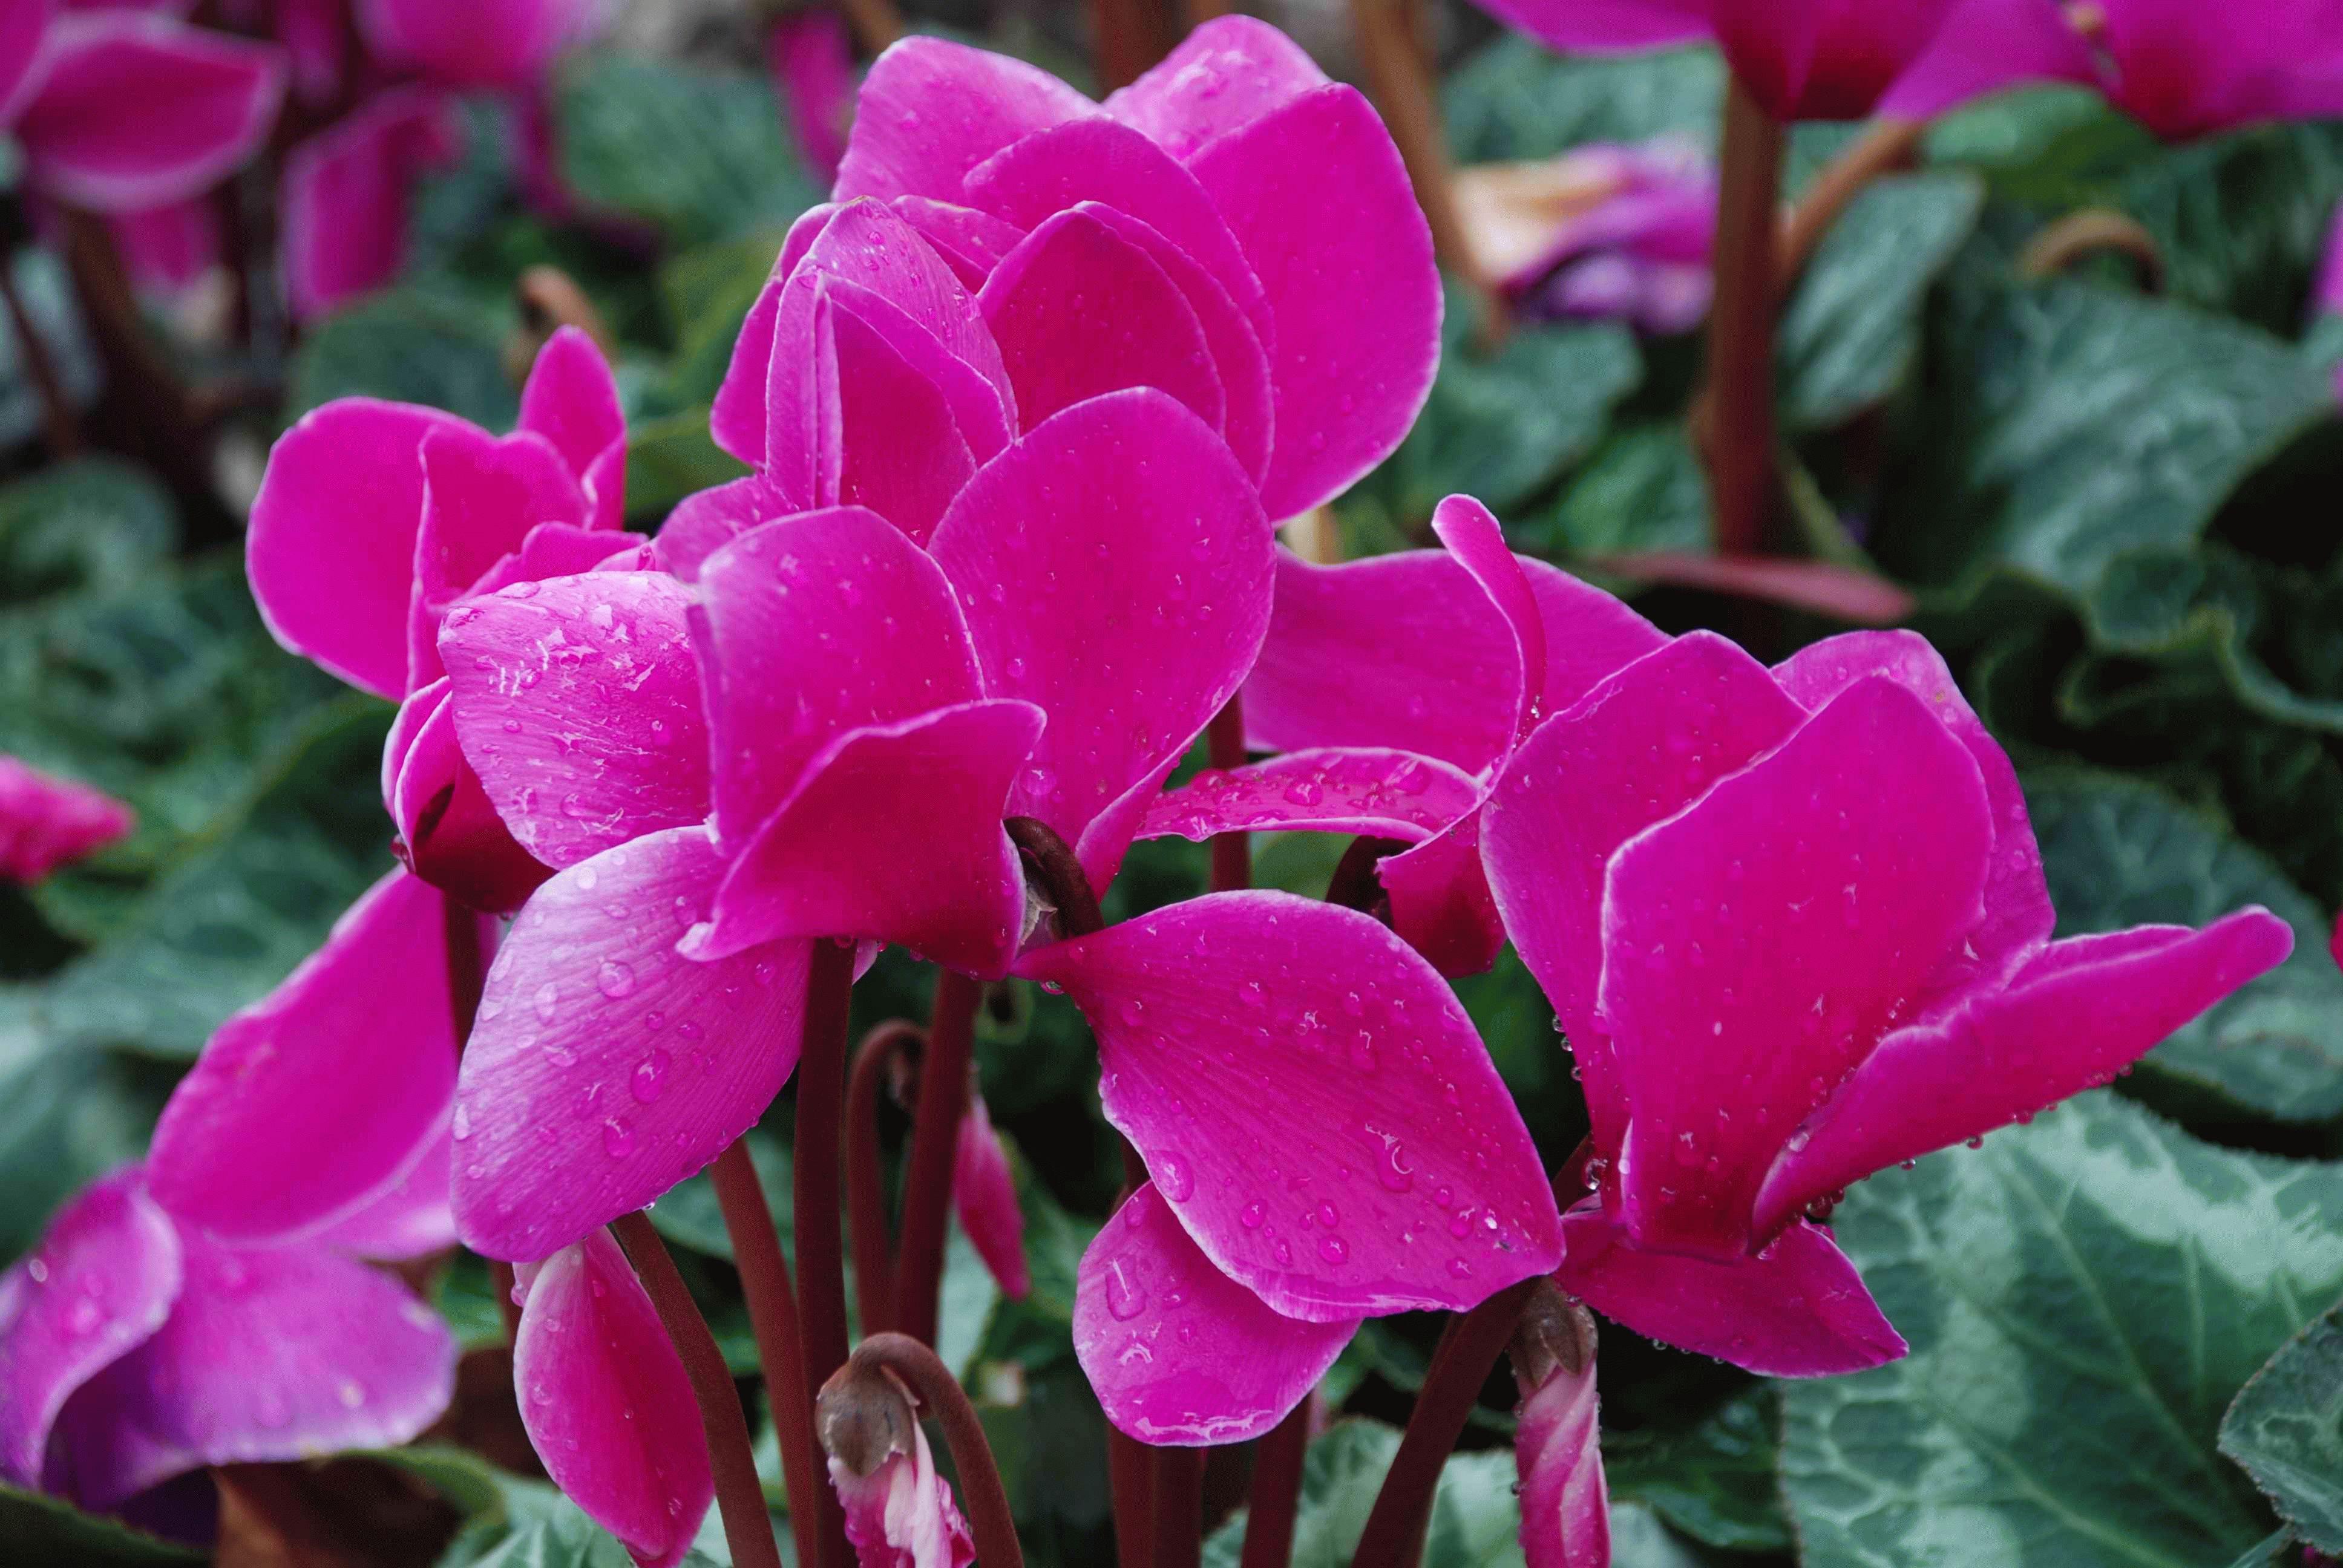 Какие цветы можно выращивать зимой дома в горшках зимой?